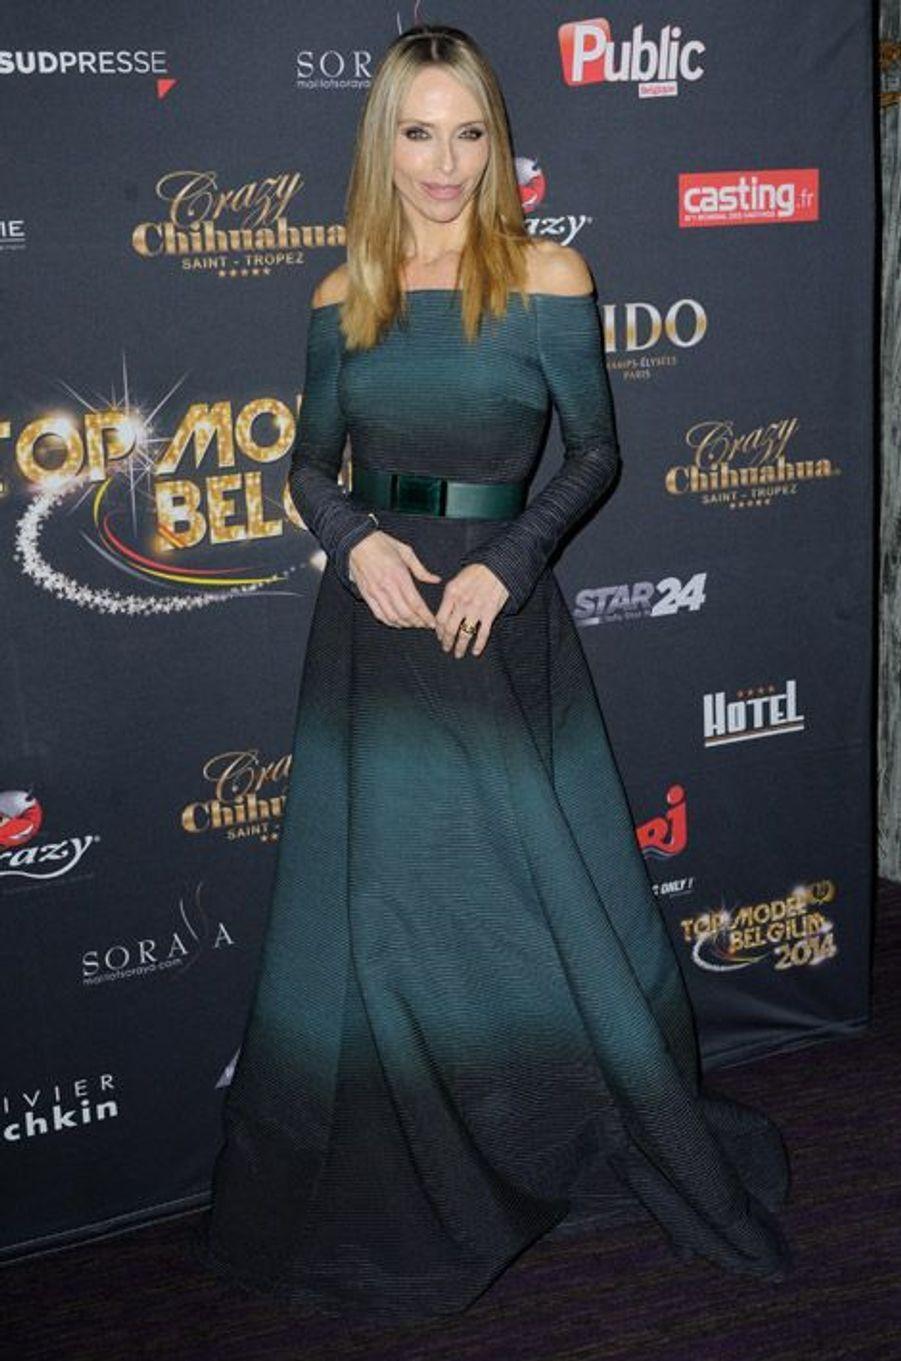 """L'actrice de la série """"Sous le soleil"""", Tony Kinzinger lors de la soirée Top Model Belgium 2014 à Paris, le 23 novembre 2014"""